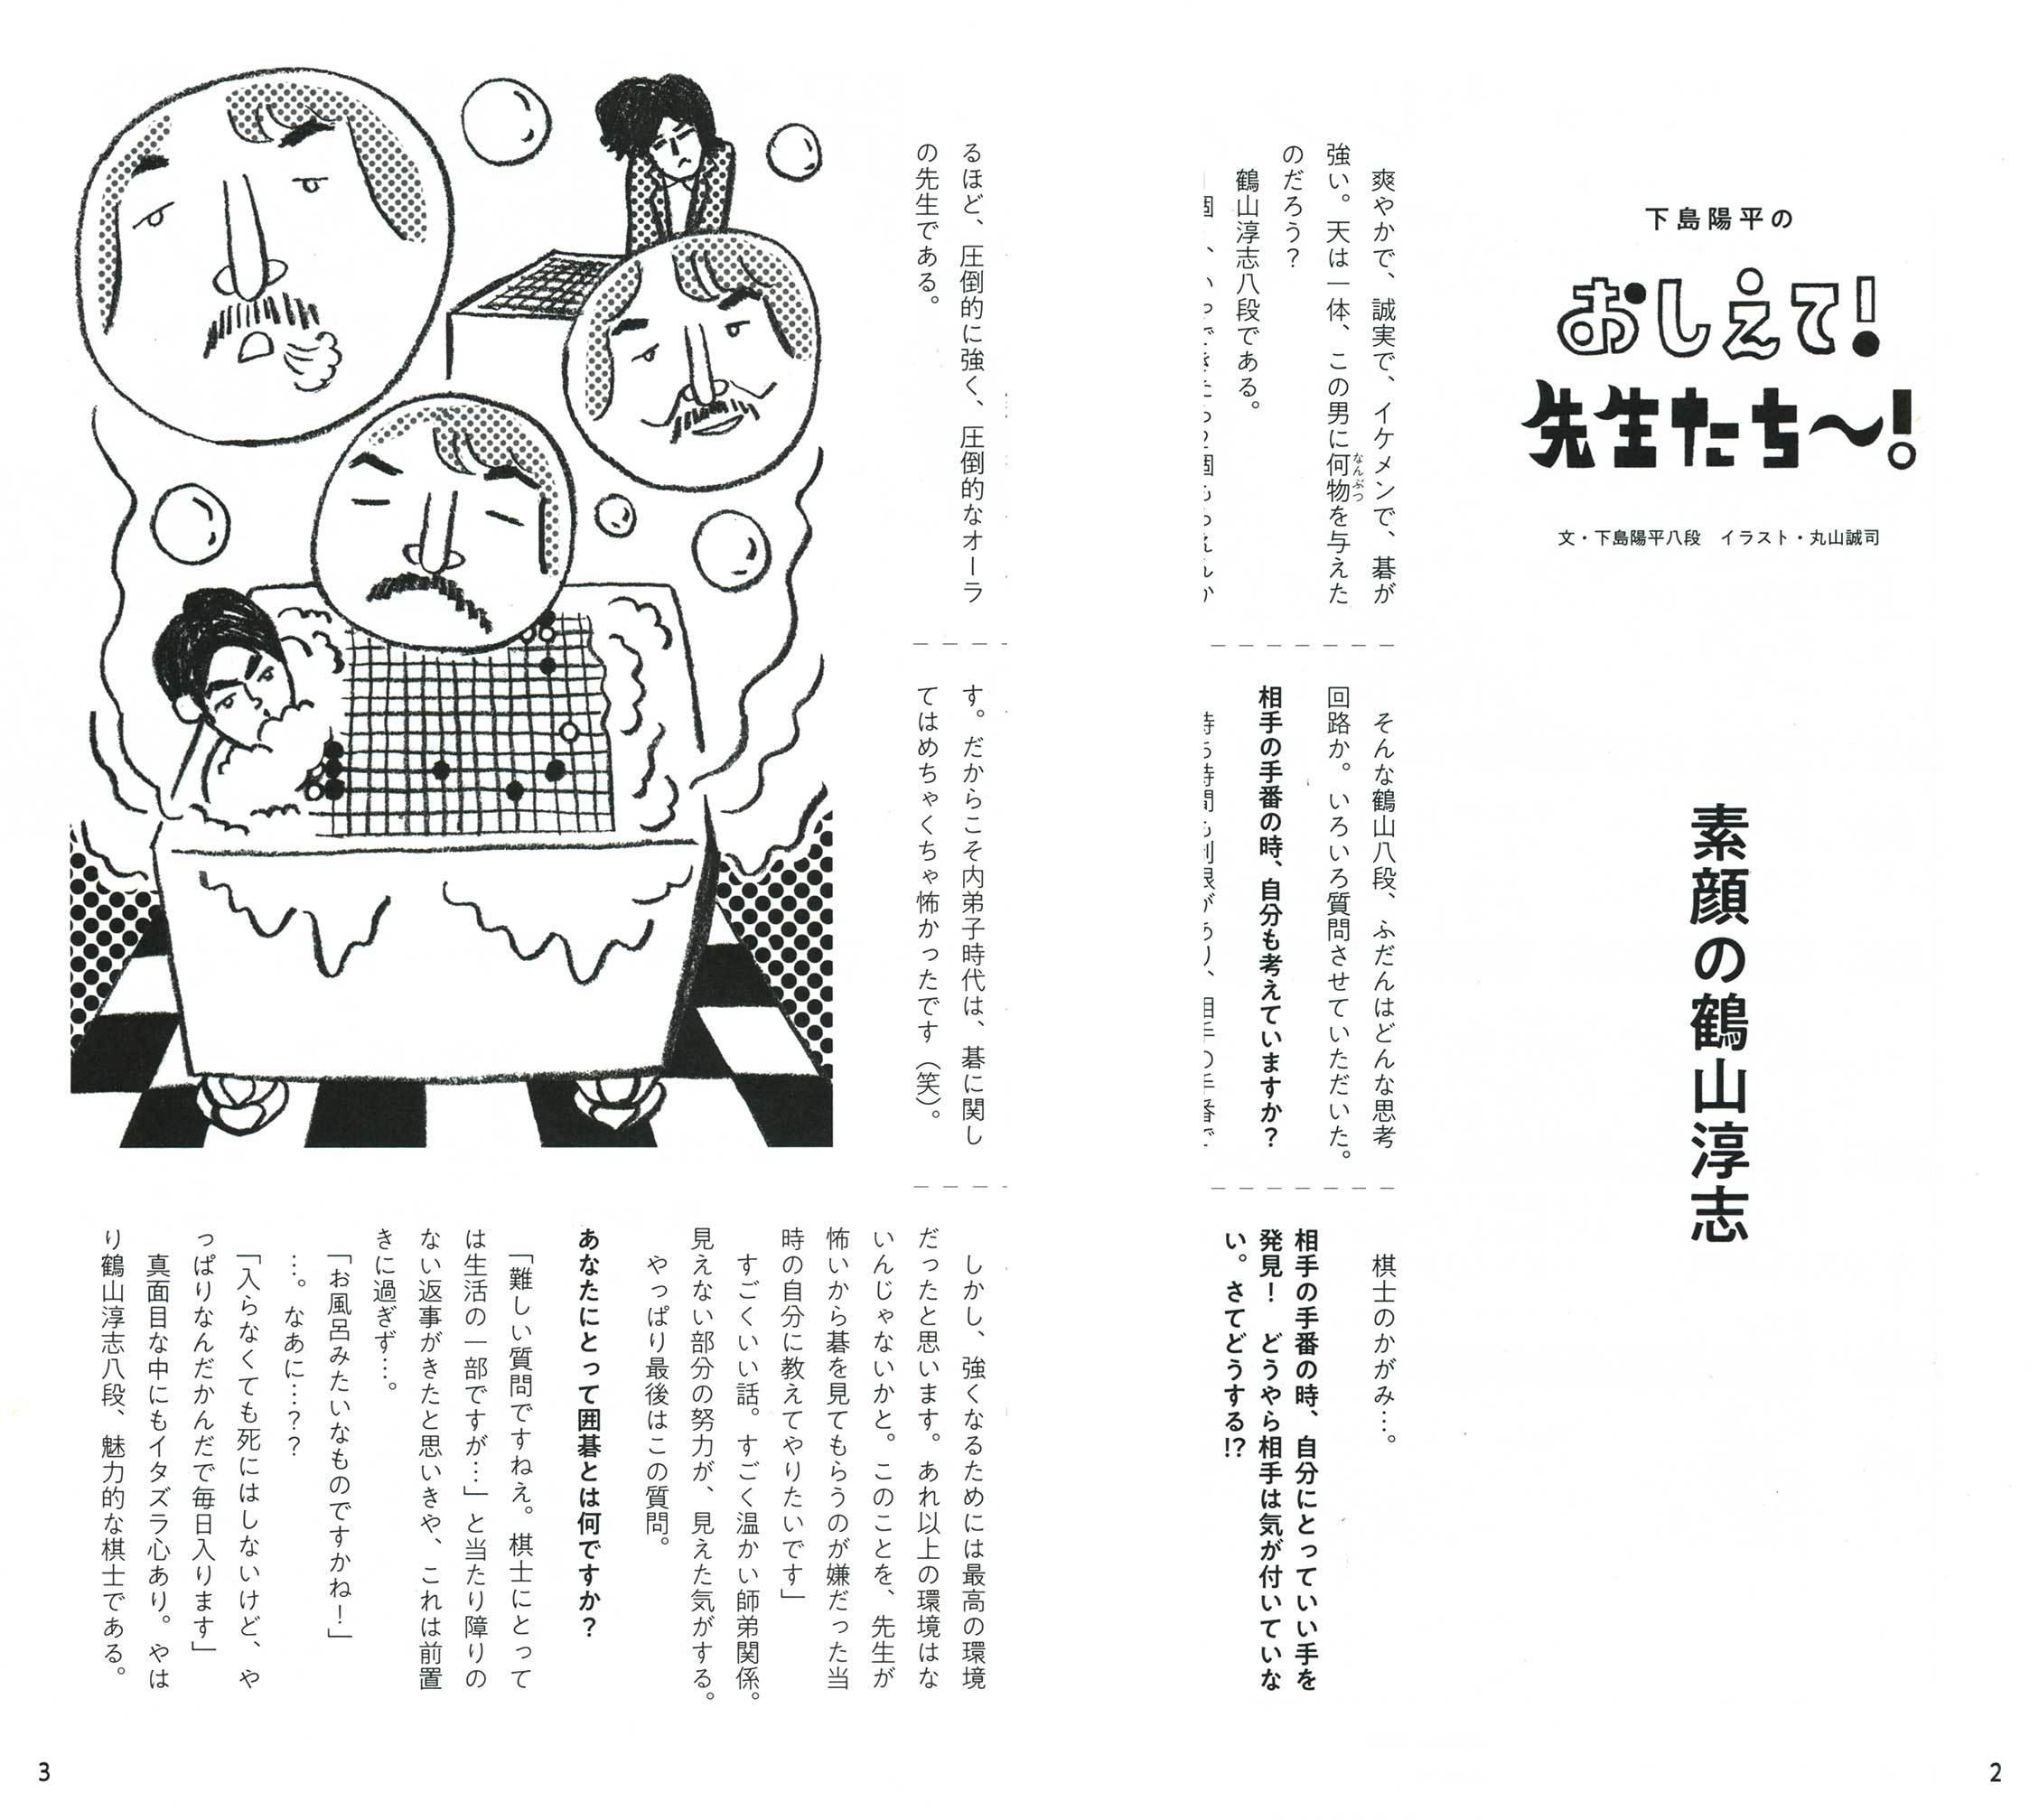 囲碁講座(NHK出版)2021年7月号 「おしえて!先生たち〜!」イラスト+タイトル描き文字_a0048227_14325327.jpg